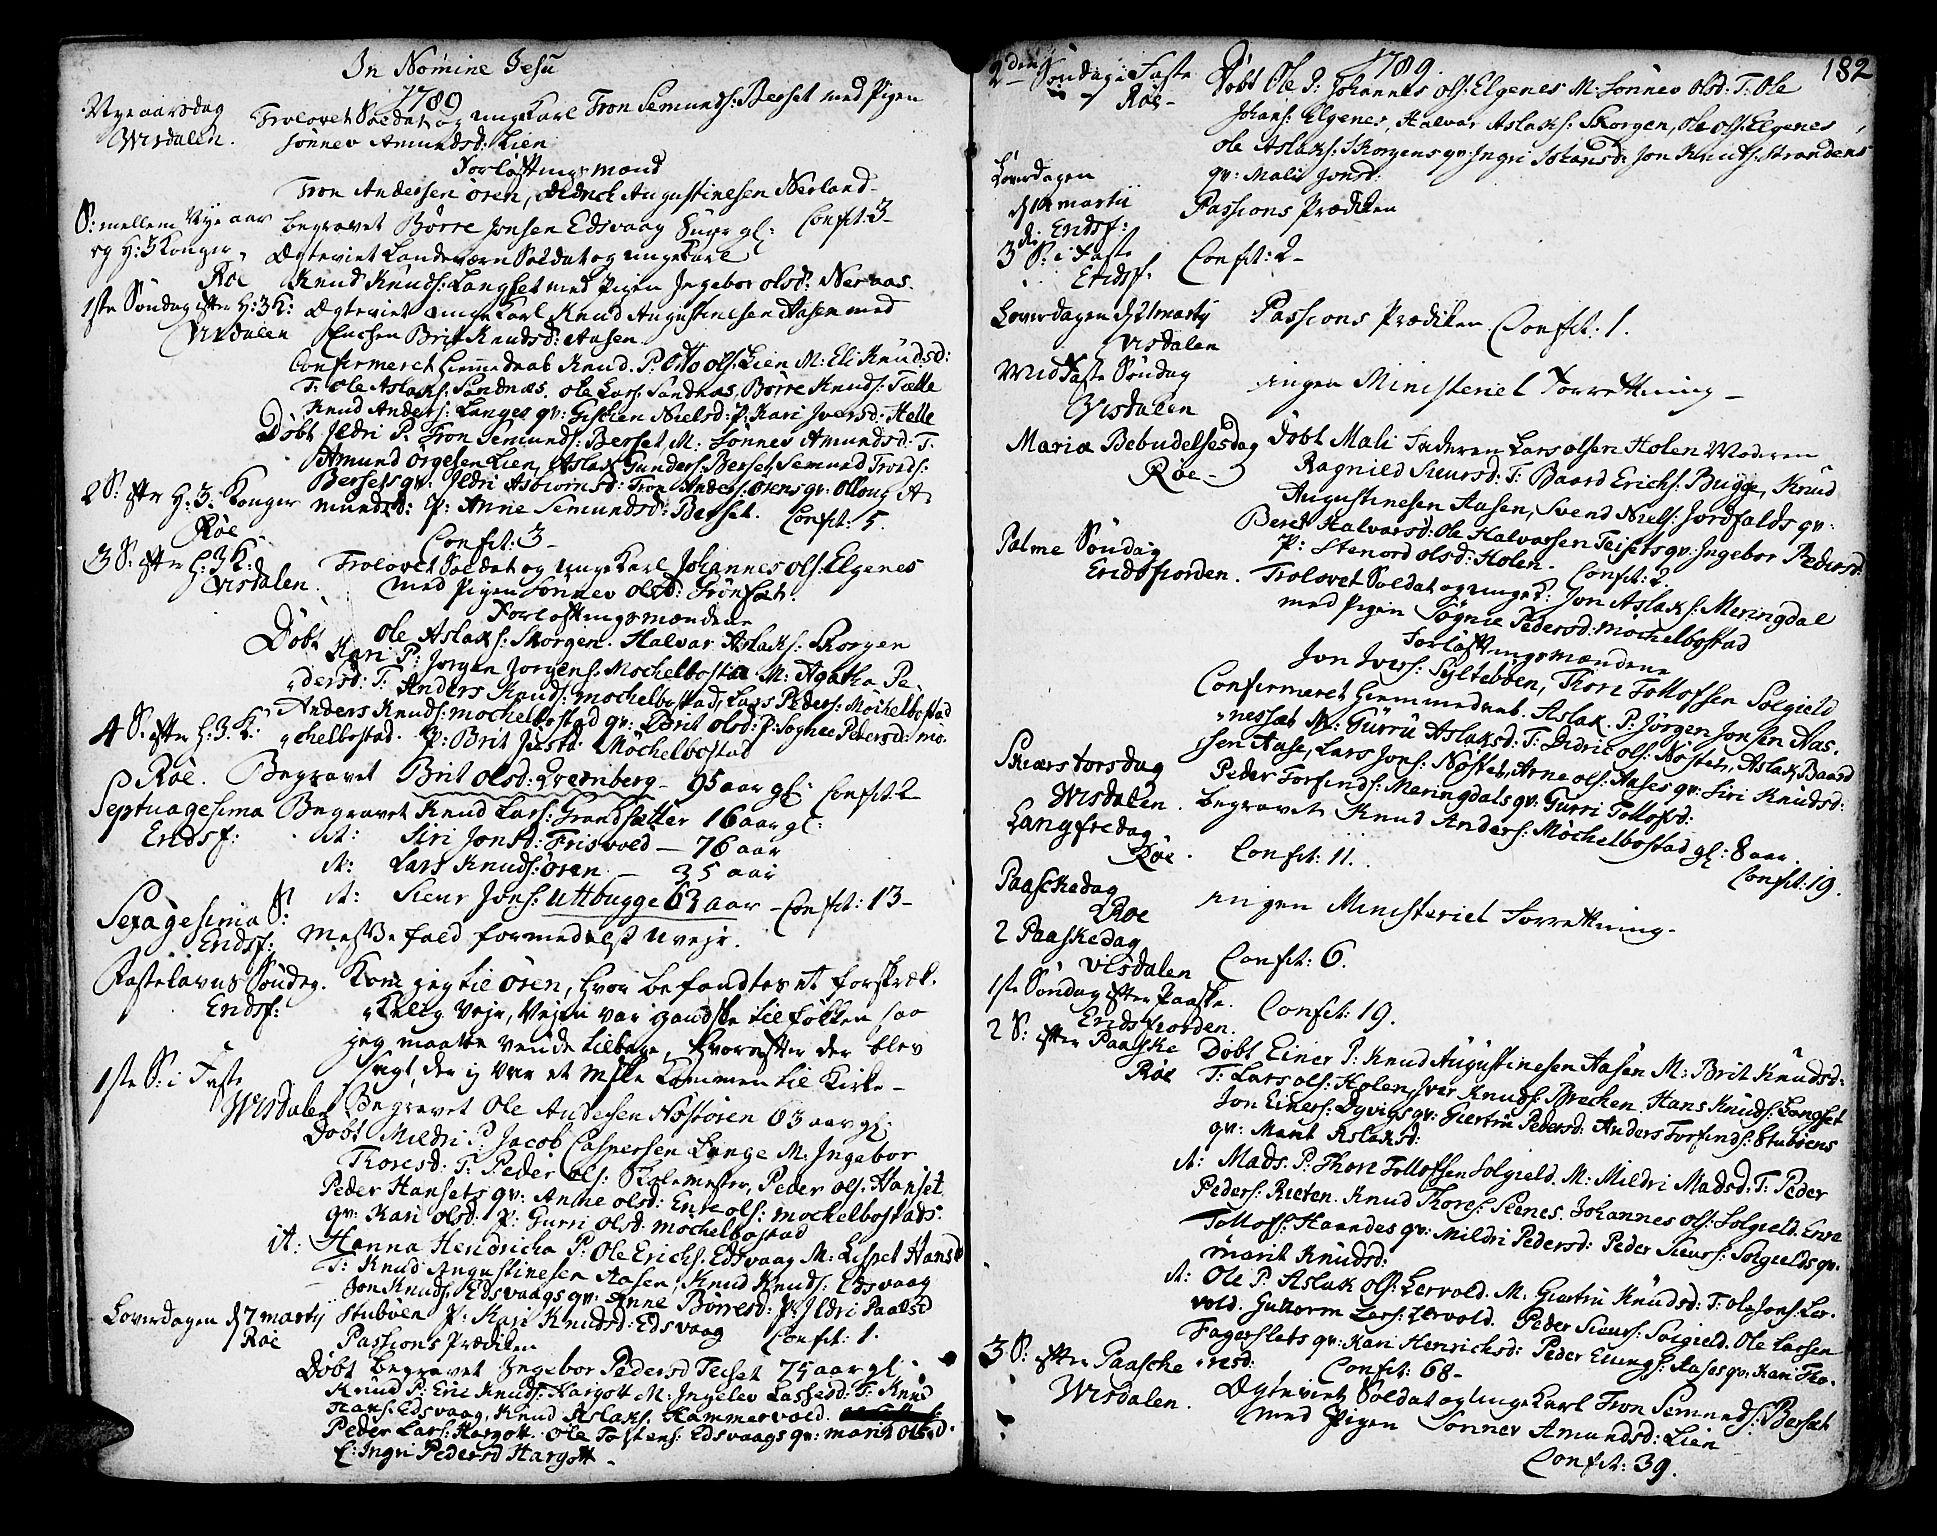 SAT, Ministerialprotokoller, klokkerbøker og fødselsregistre - Møre og Romsdal, 551/L0621: Ministerialbok nr. 551A01, 1757-1803, s. 182